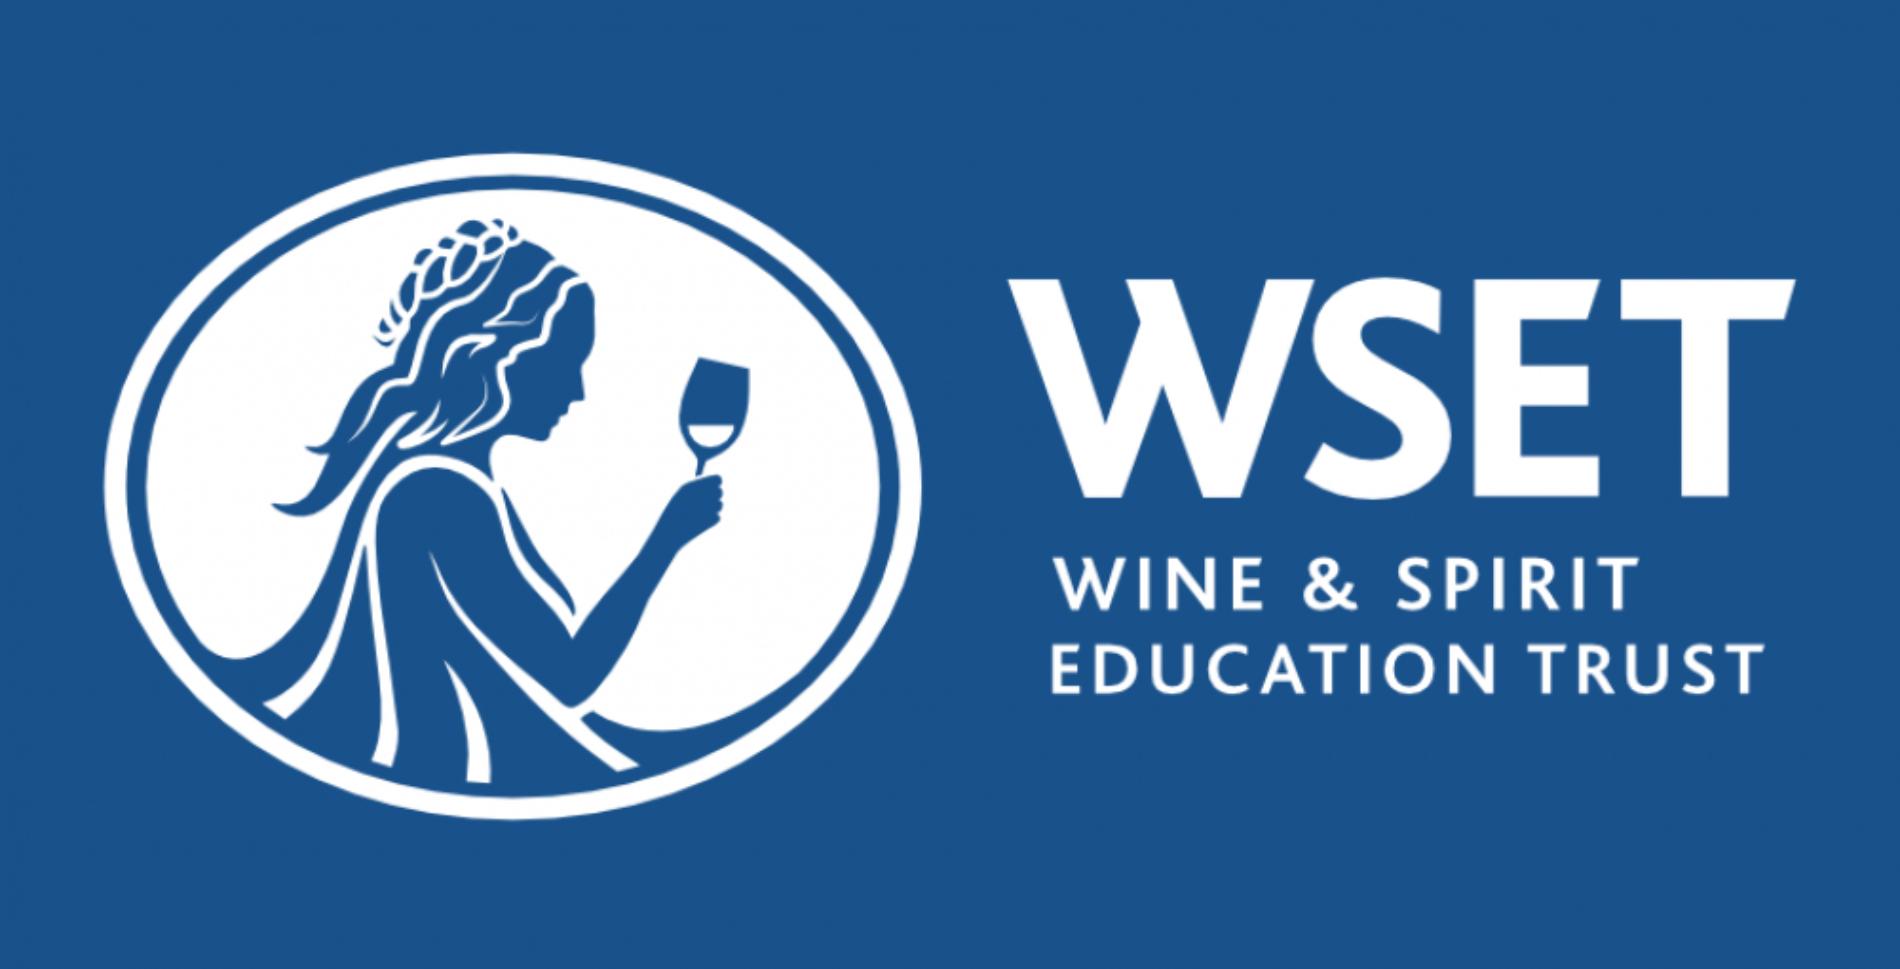 Introducción a la sistemática de cata de WSET level 3